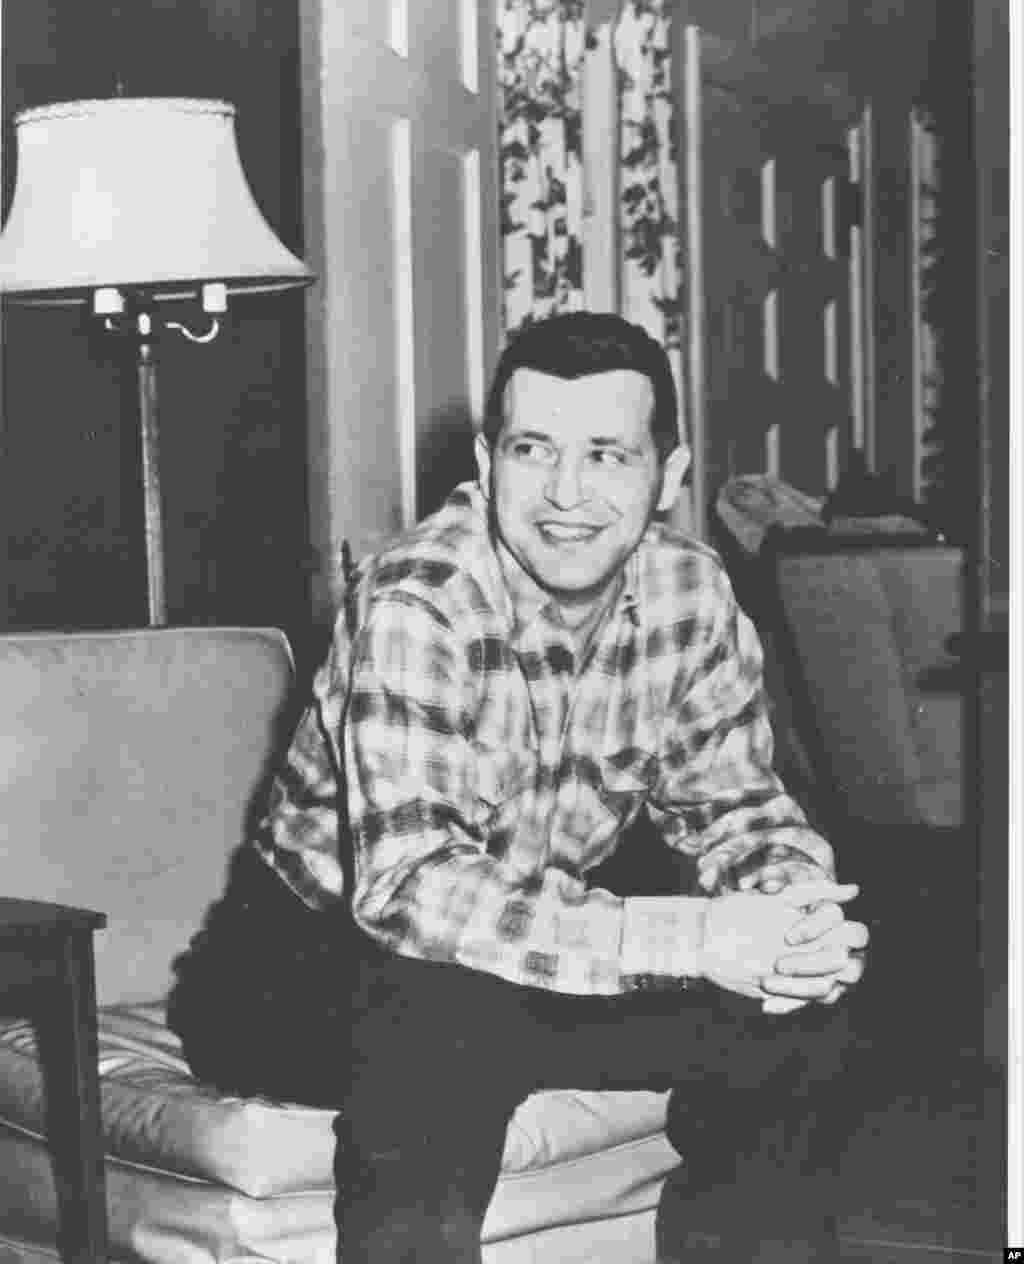 Усміхнений Пауерс у Вашингтоні, округ Колумбія, після повернення до США, 11 лютого 1962 року